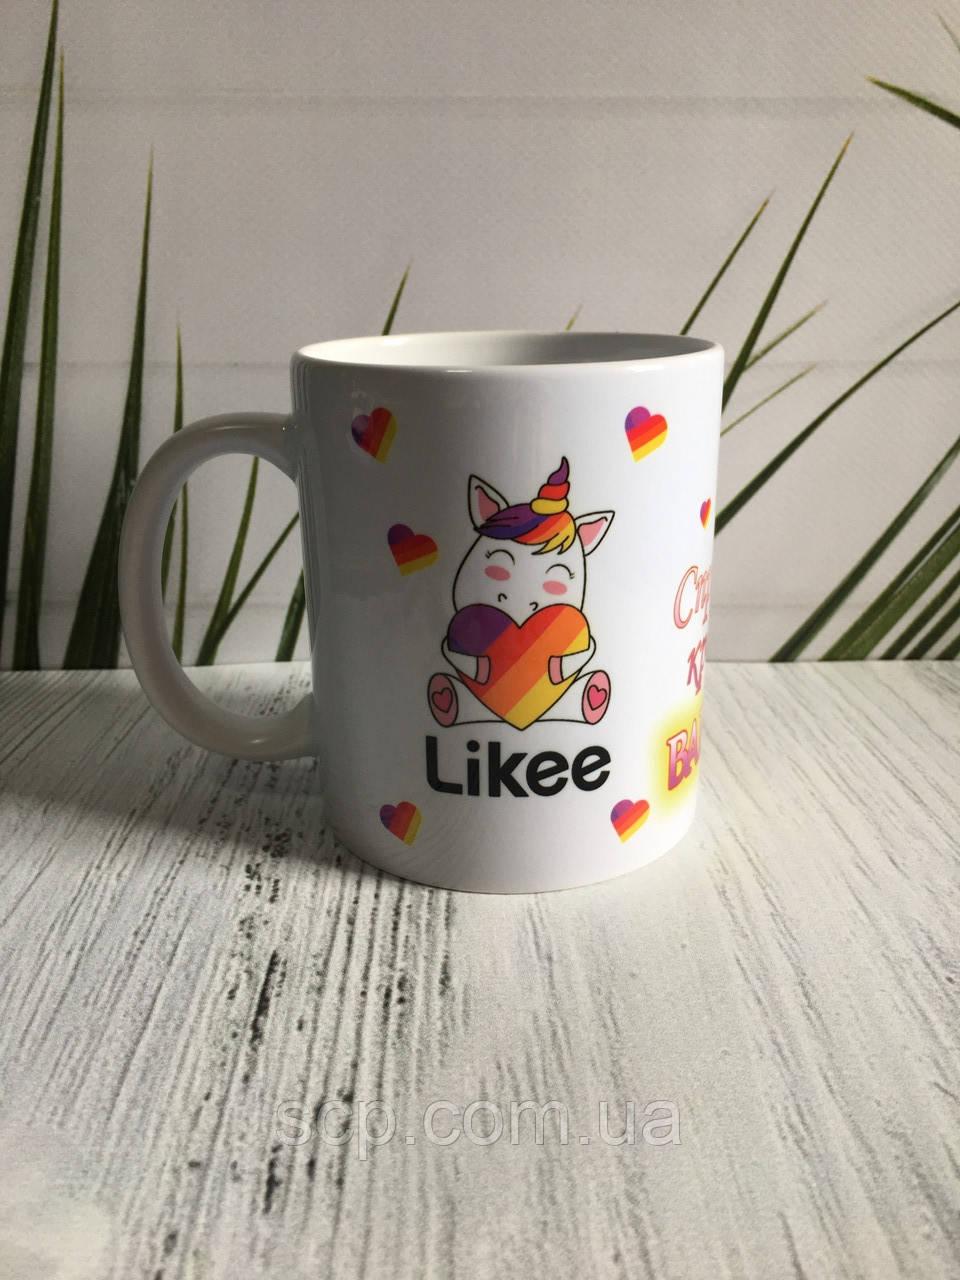 Чашка Likee (Лайки)